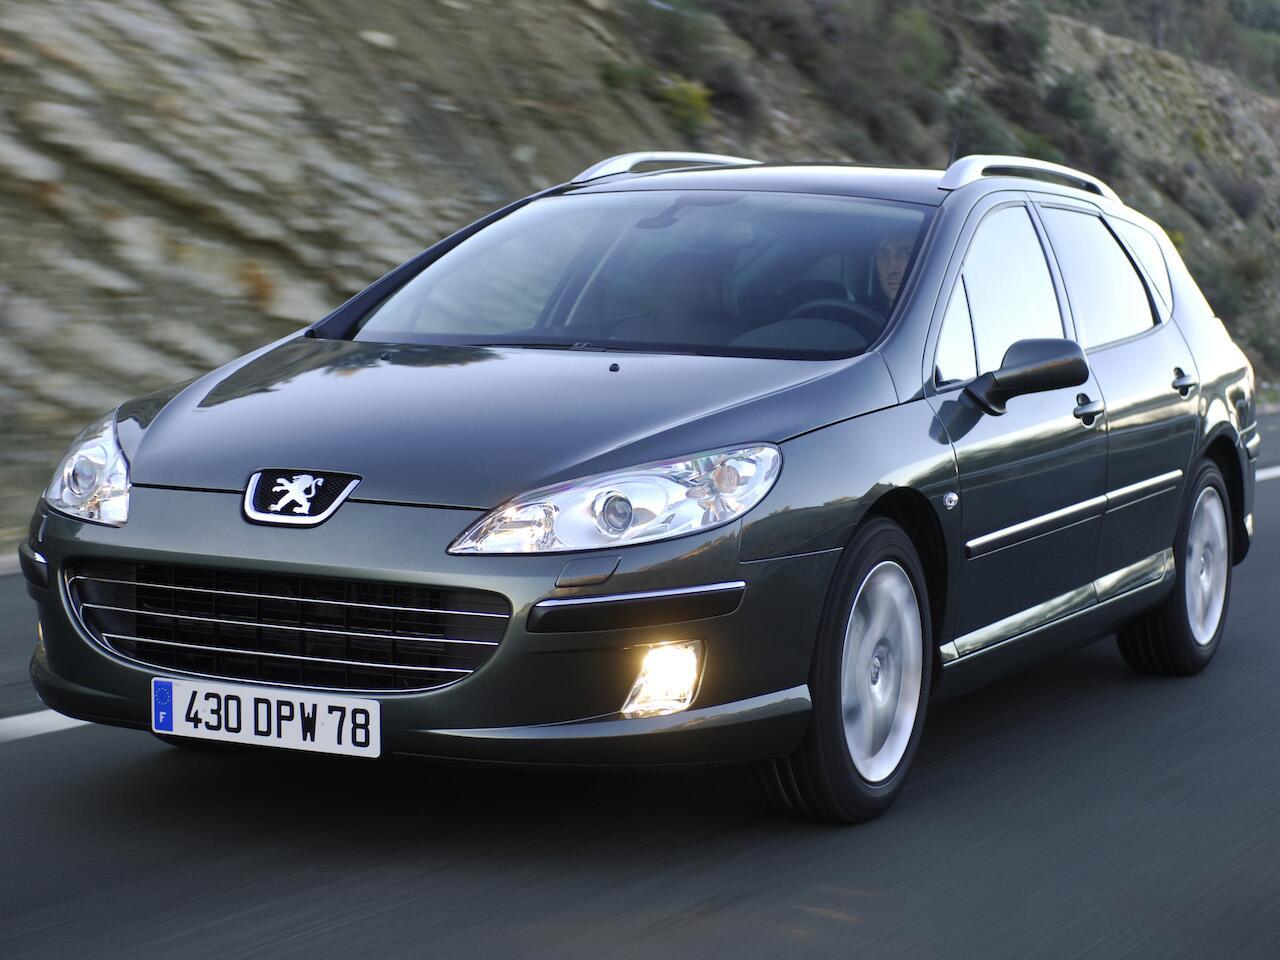 Bild zu Platz 10: Peugeot 407